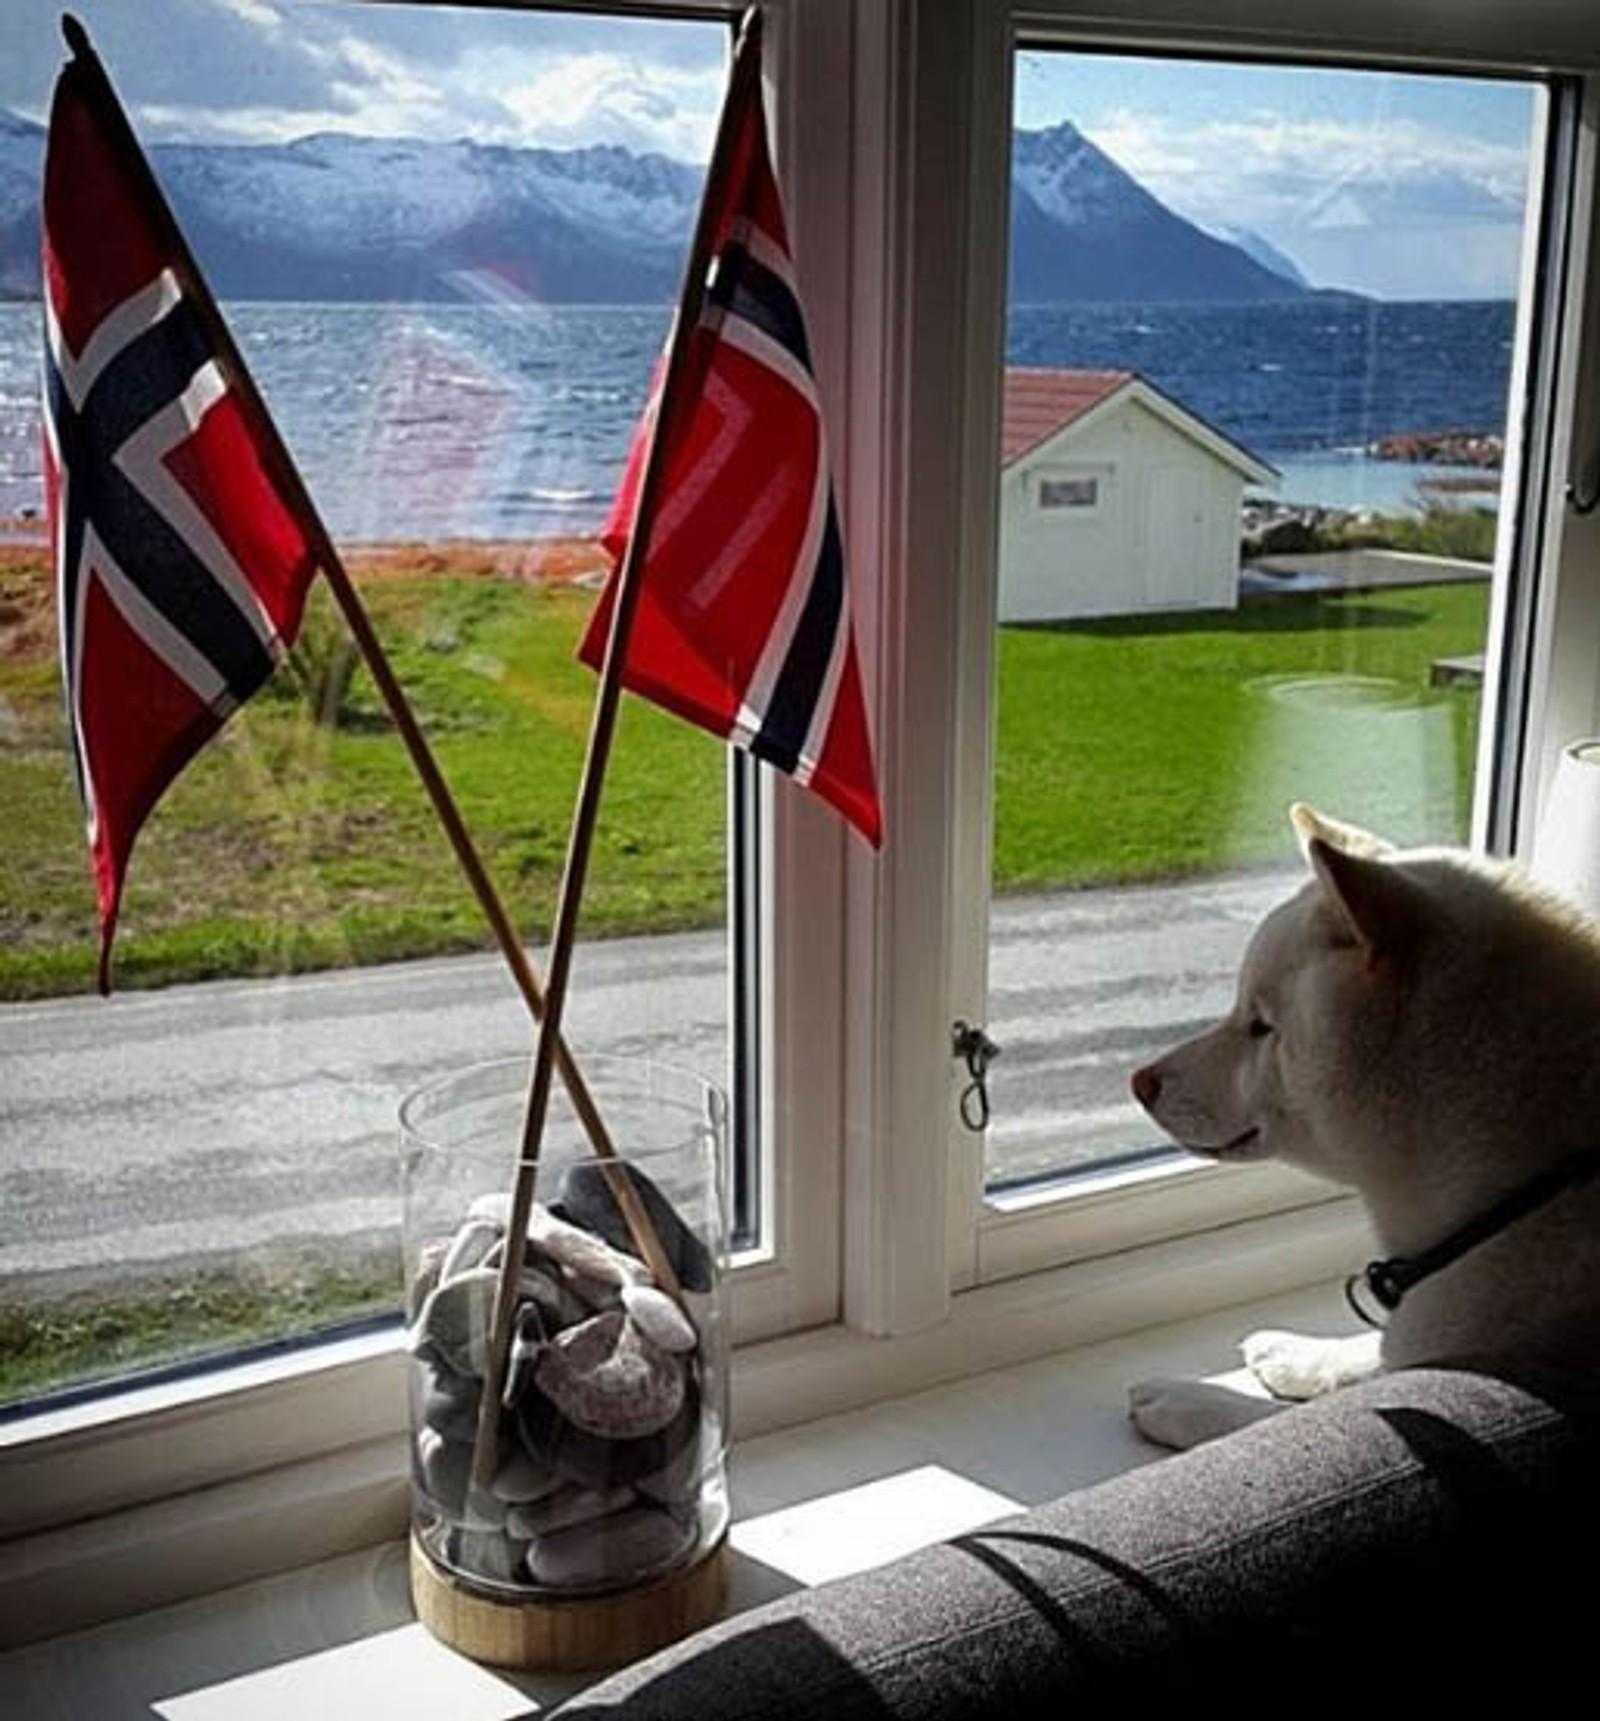 Shiba-hunden Potter feirer 17. mai på Grunnfarnes Yttergården i Torsken kommune. Det er Merete Bakkeby som har lagt ut bildet på Instagram.